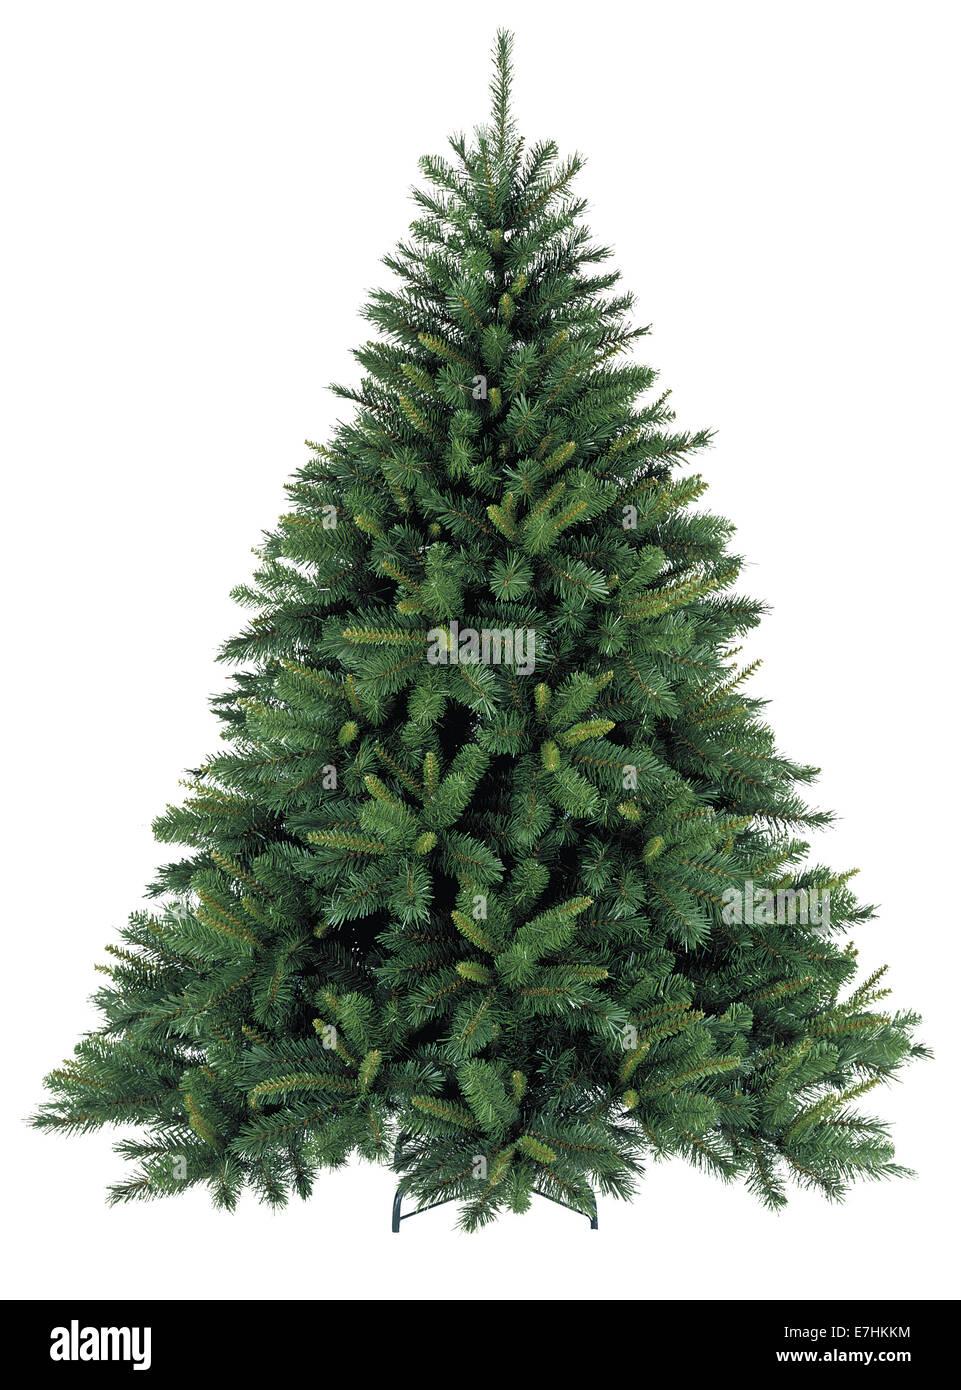 Bare Christmas tree - Stock Image